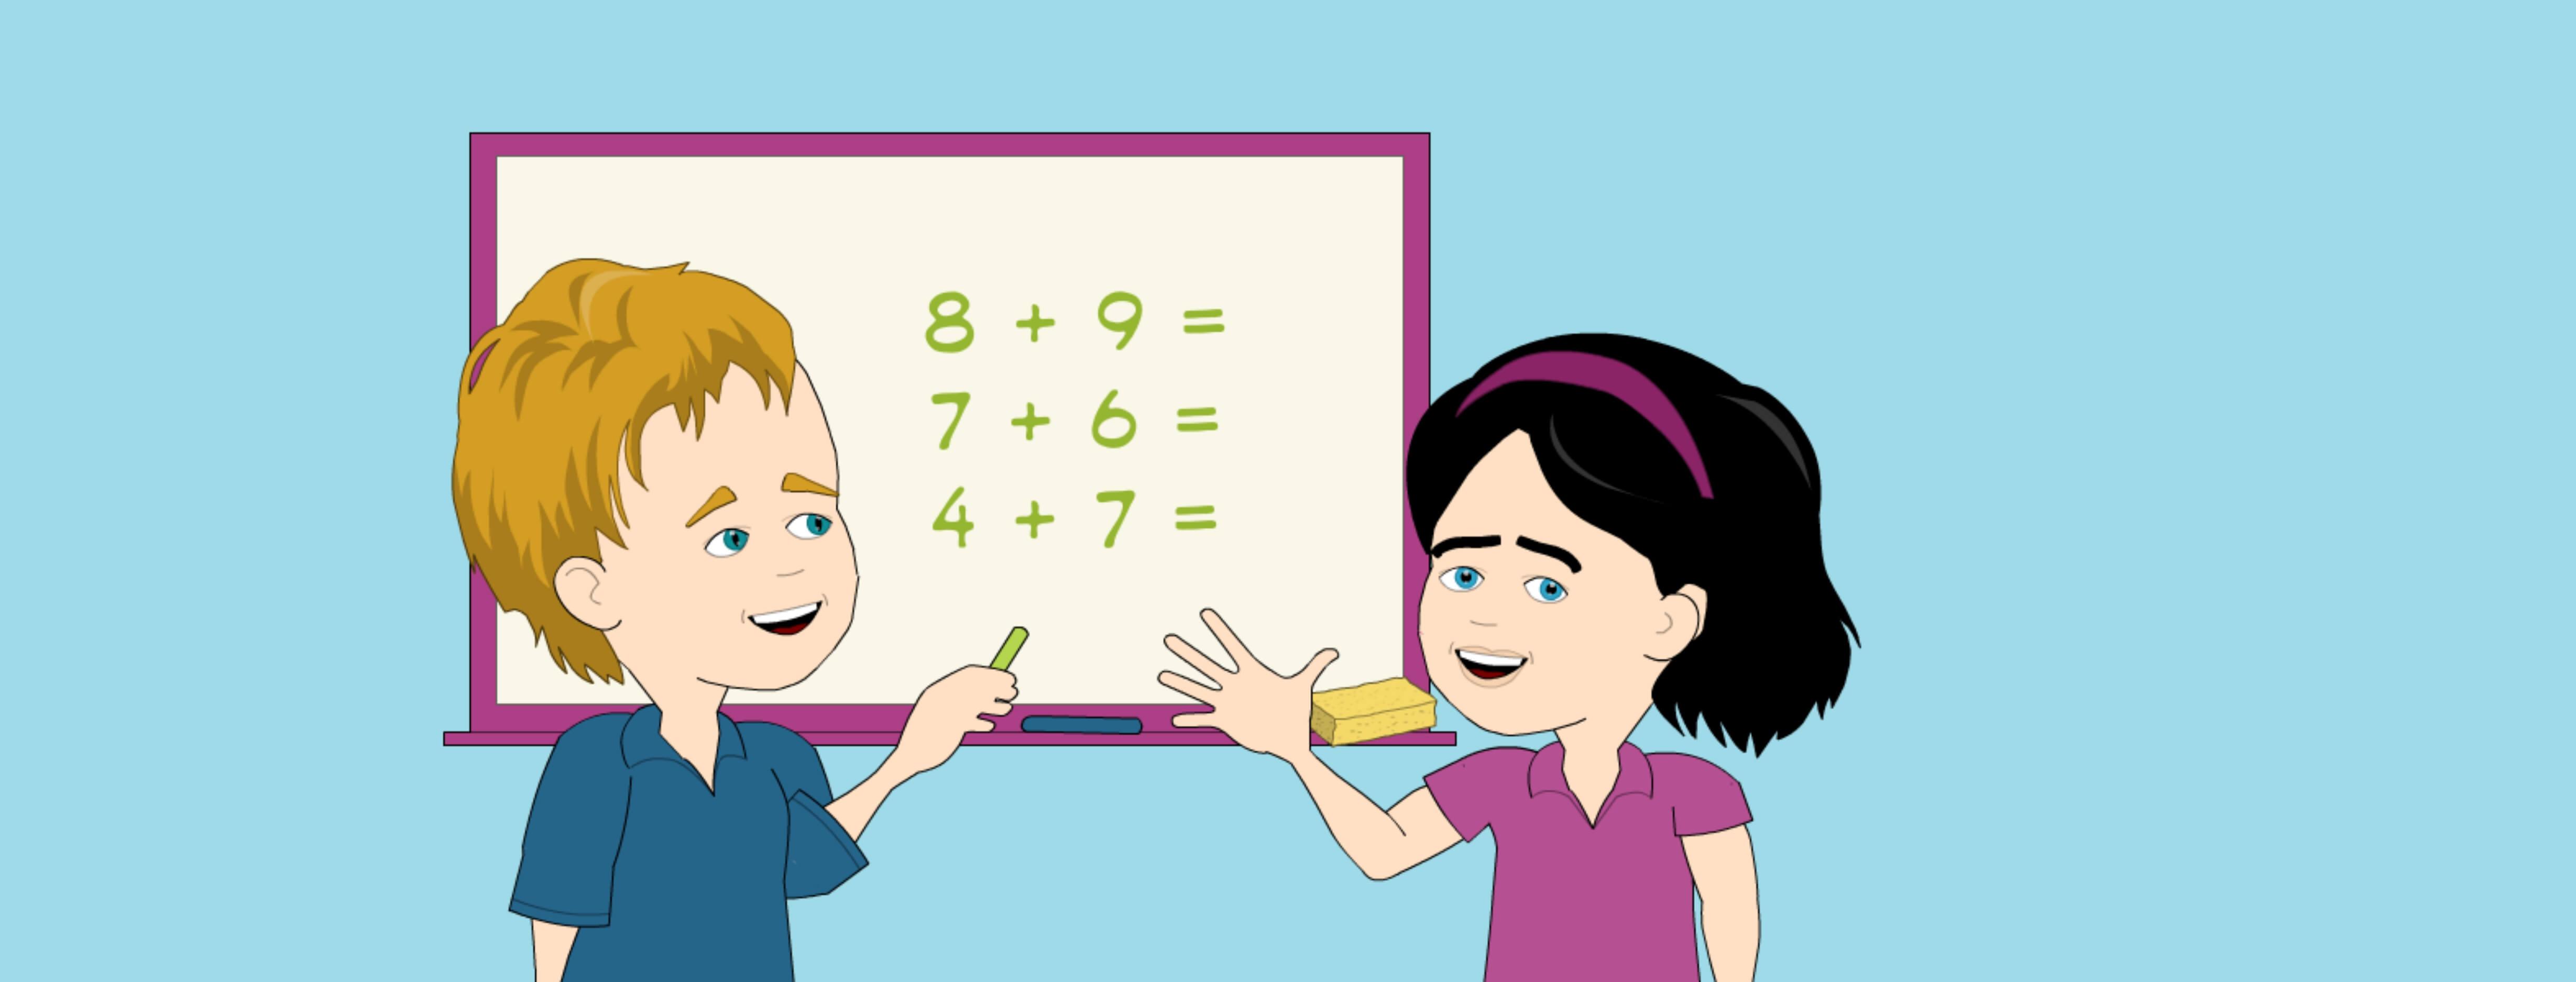 Brain4kids Für Grundschulkinder